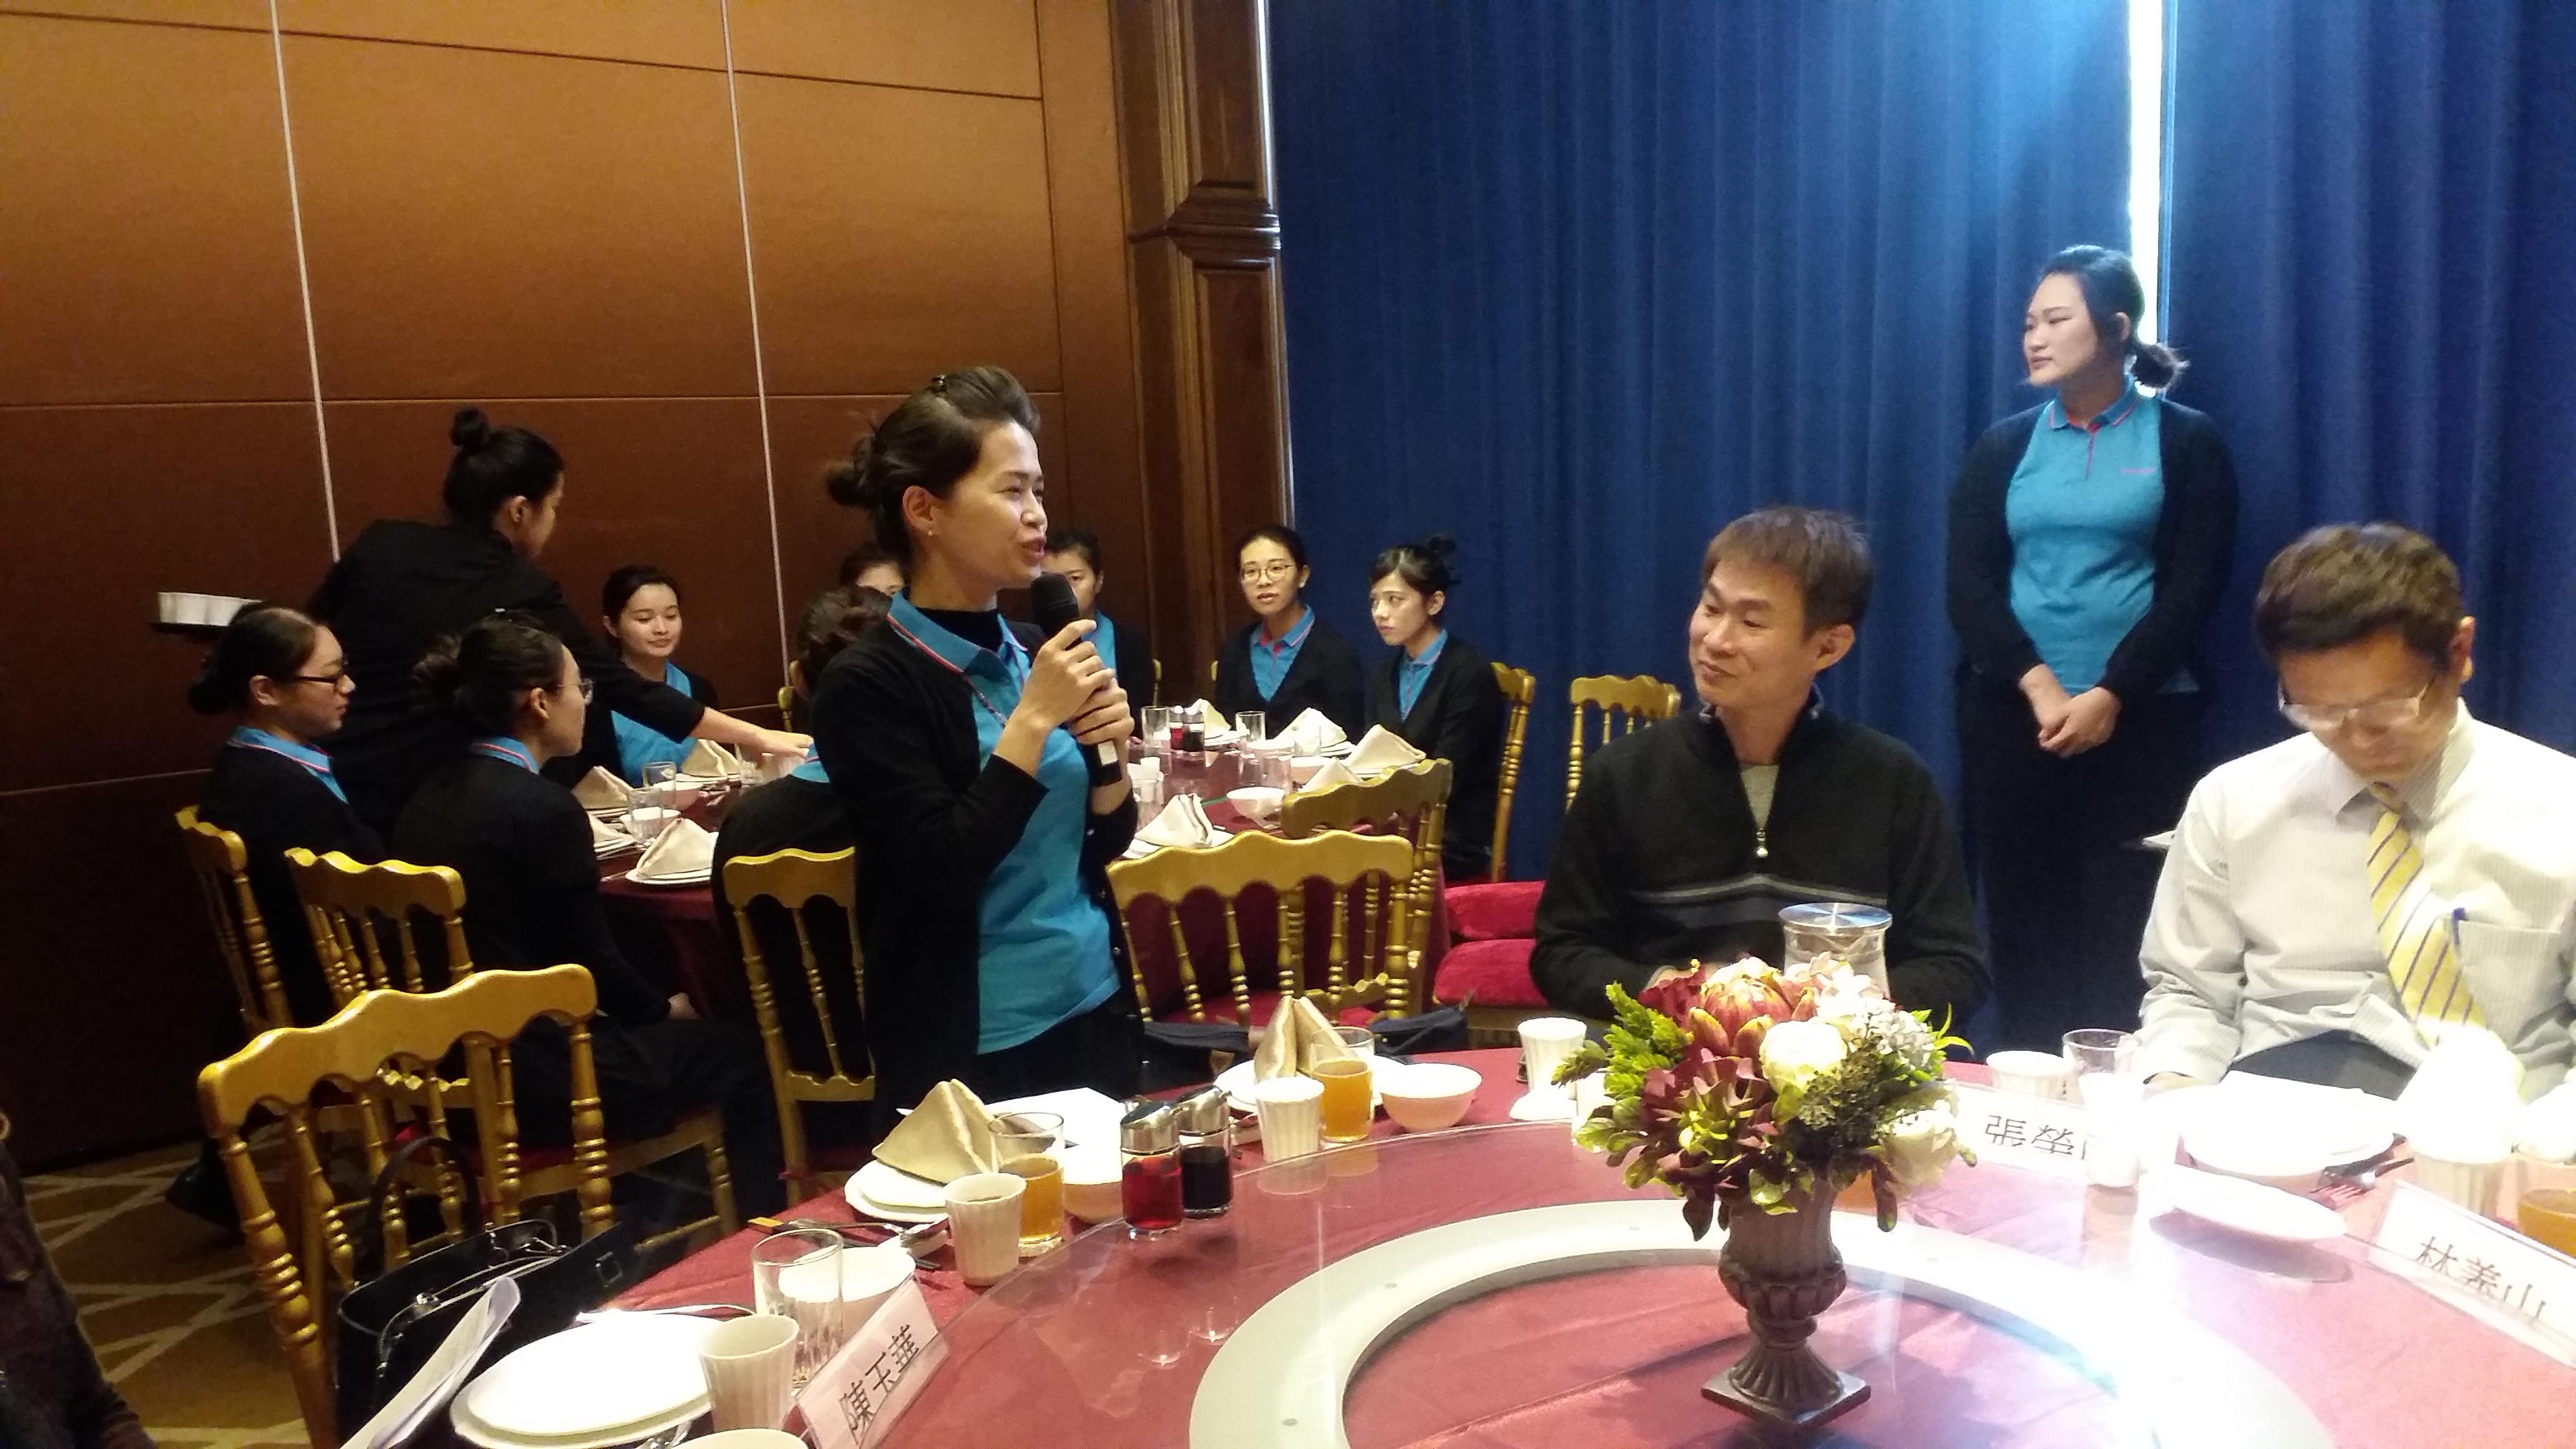 中華全球芳香保健調理教育經營管理協會 第一屆 第六次 理監事大會 -